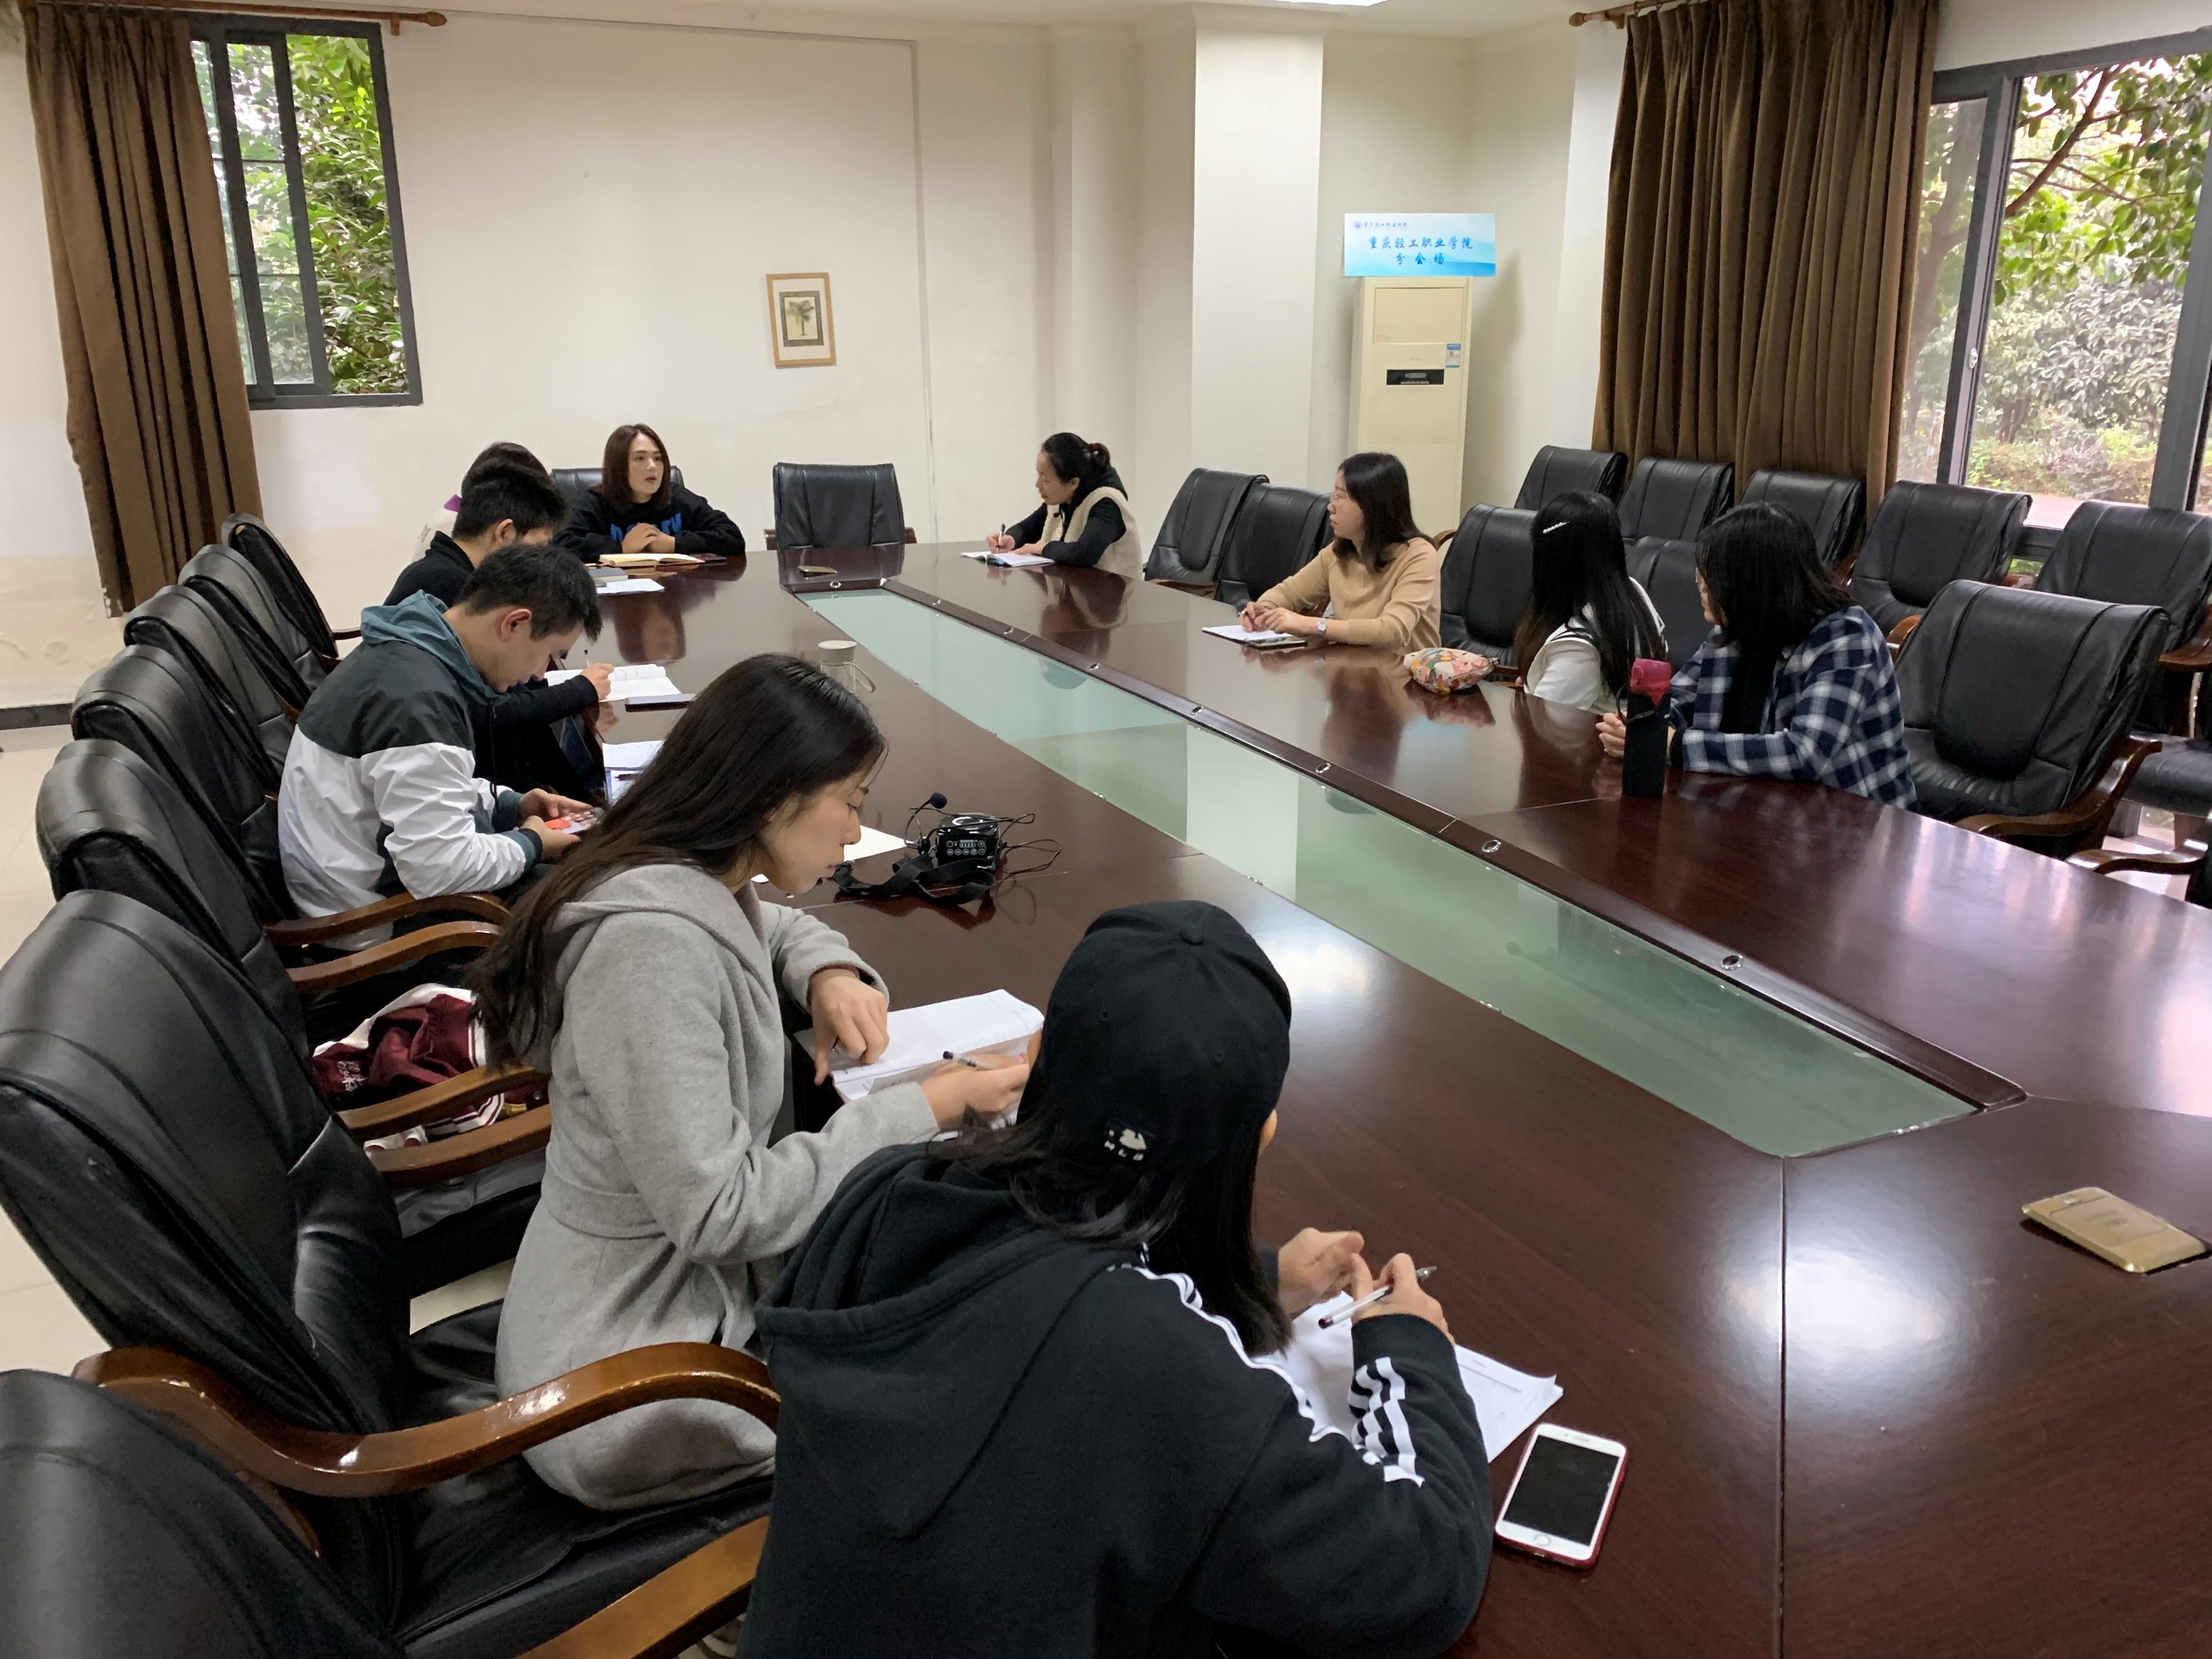 【凝聚师生有力】人文教育学院召开职业教育活动周讨论会